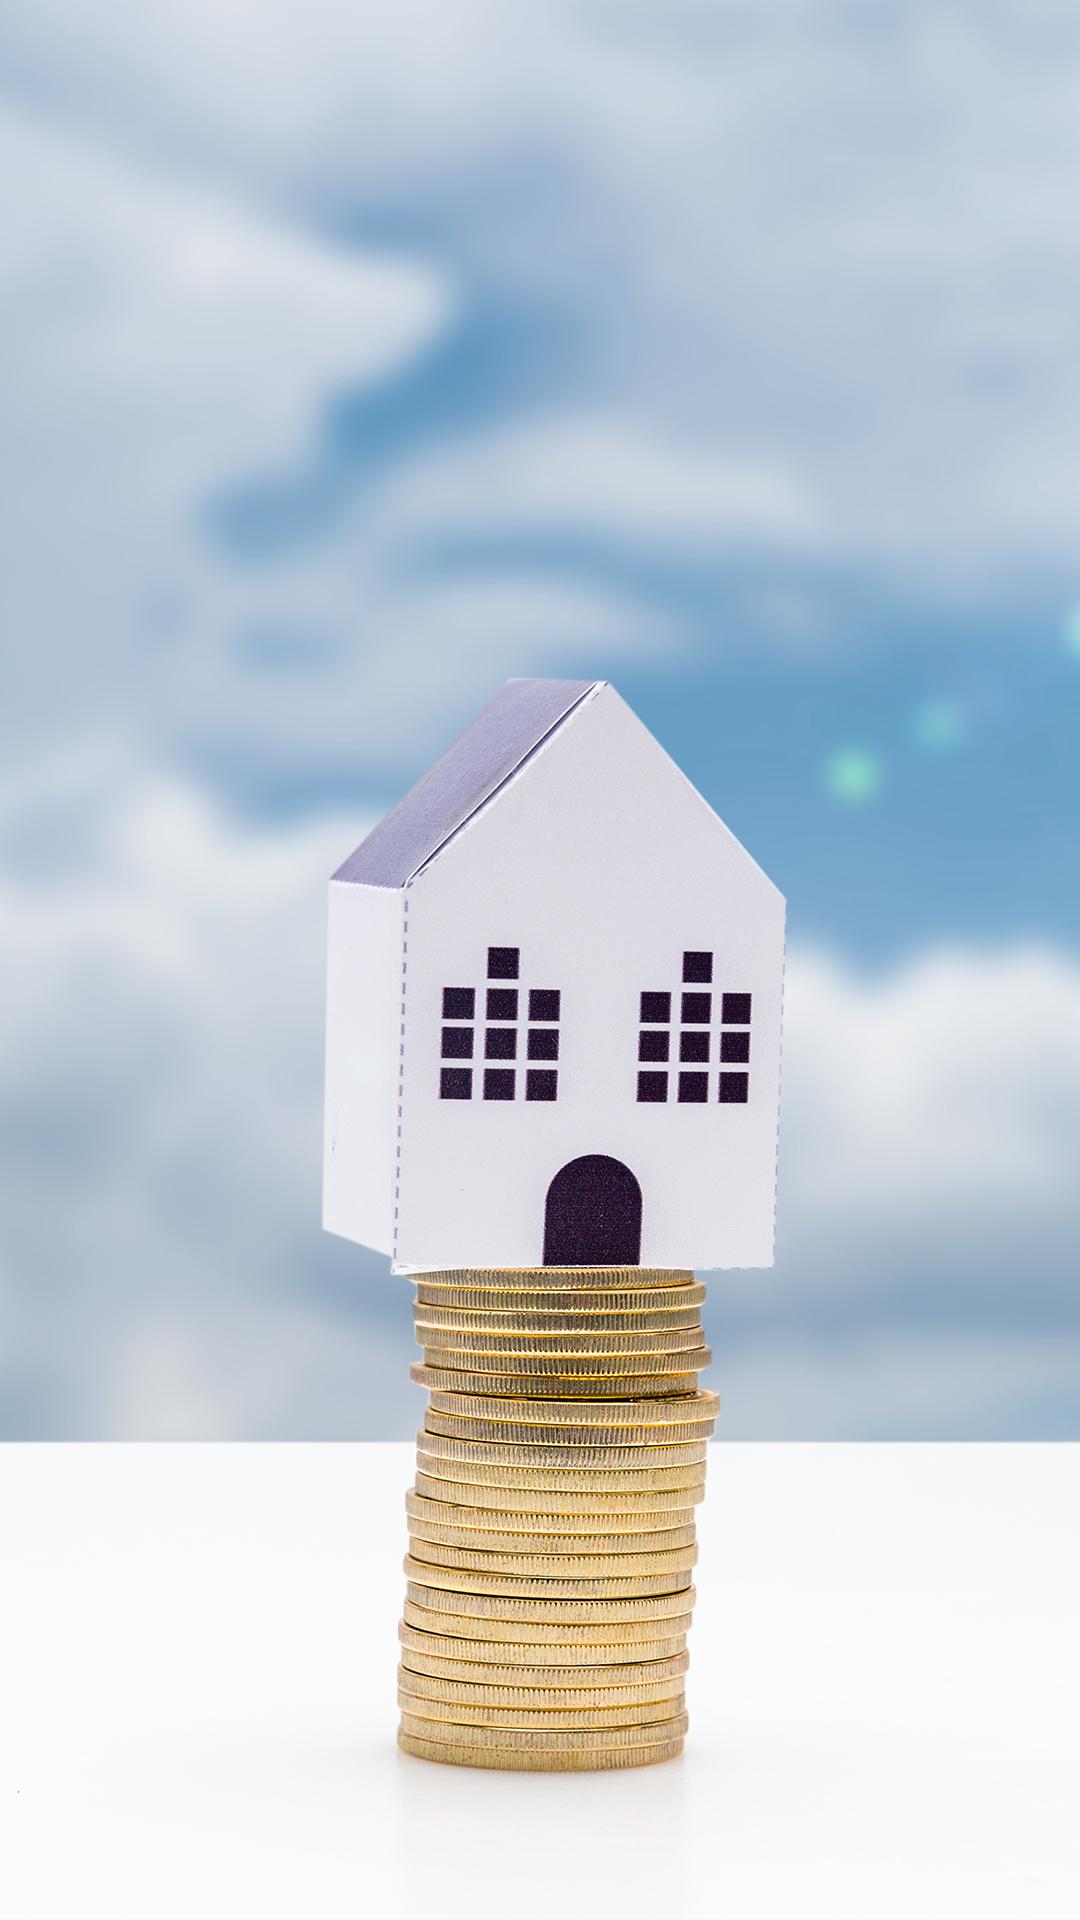 鹽城房貸利率全部下調 2020年買房時機來了~